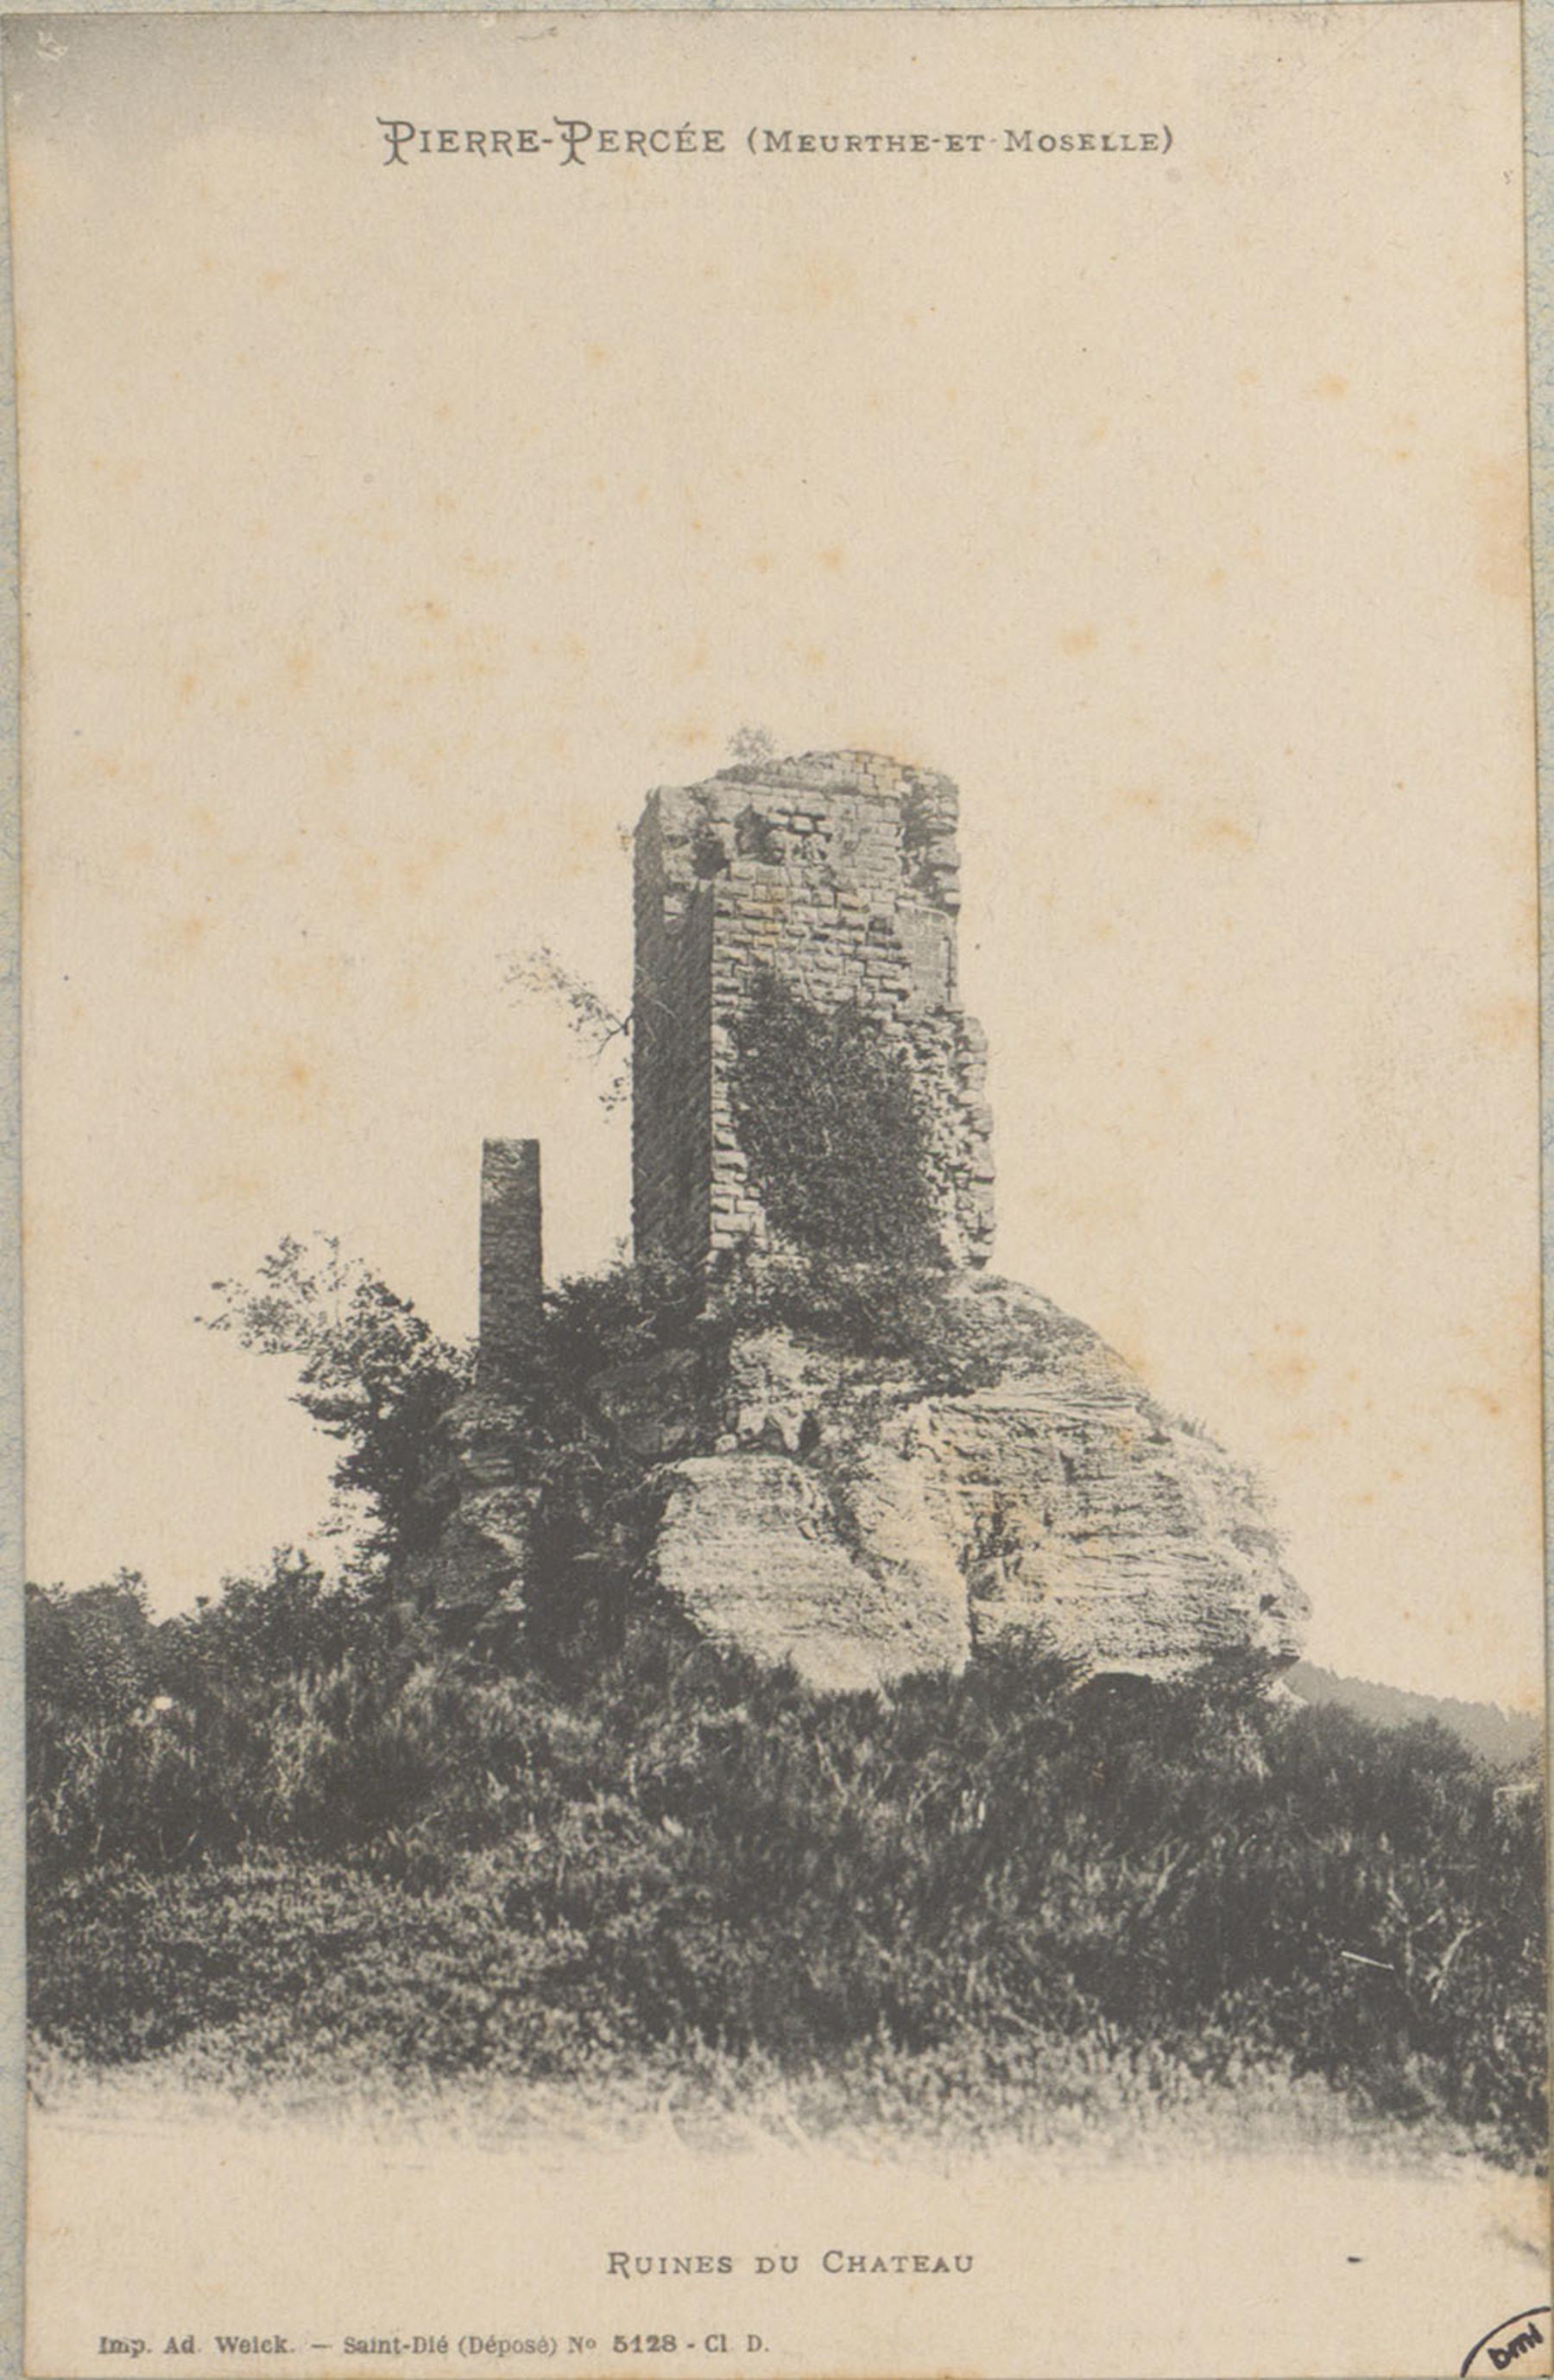 Contenu du Pierre-Percée (Meurthe-et-Moselle), Ruines du Château